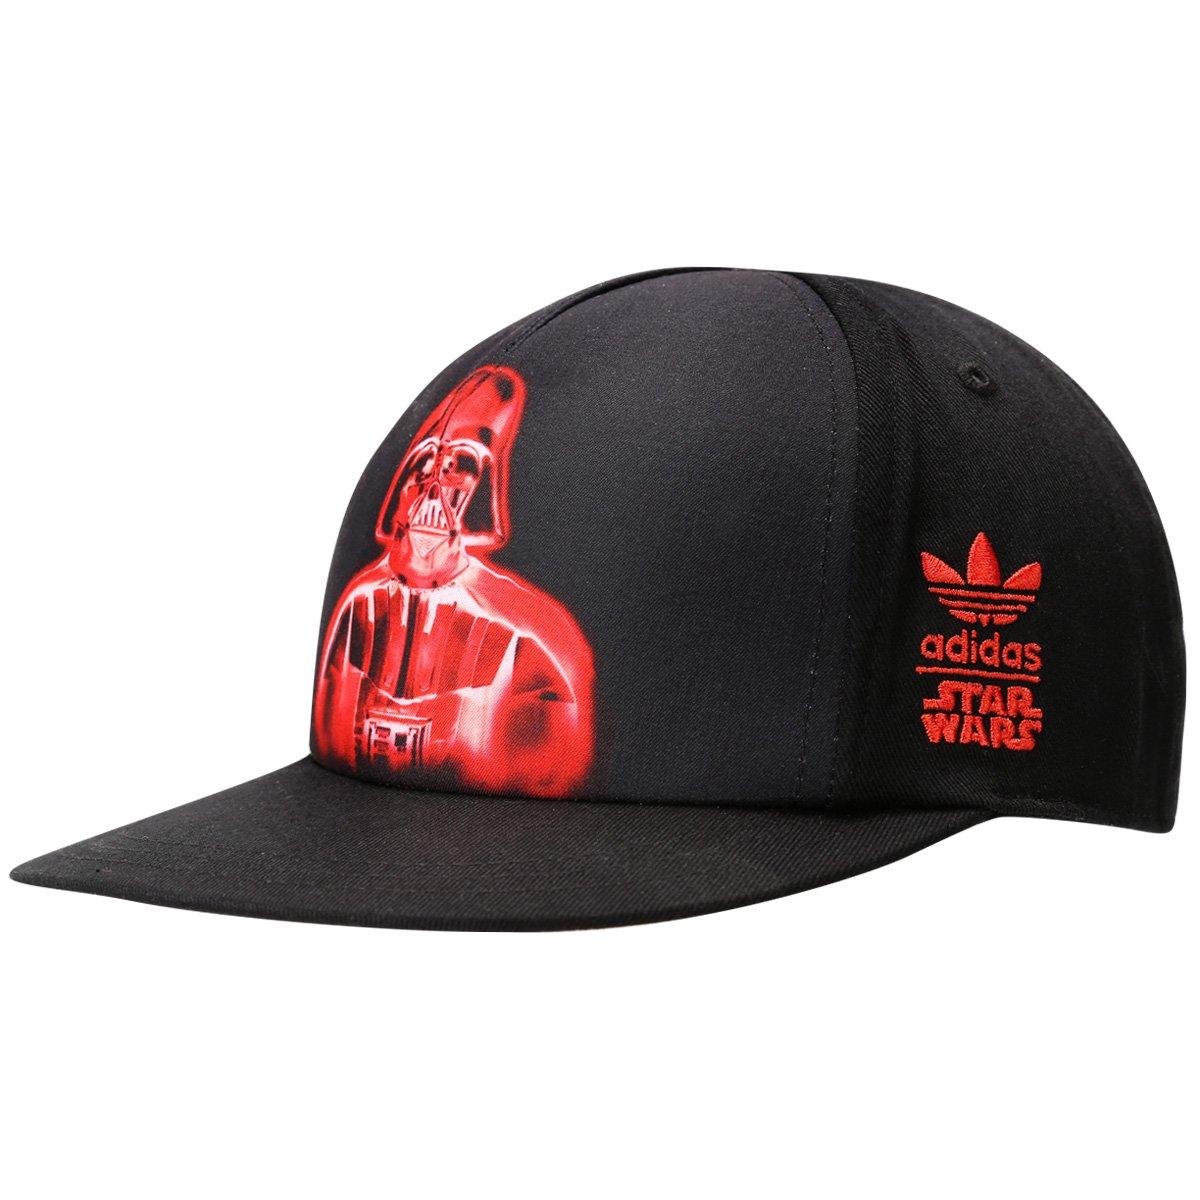 78a20f432ed5b Boné Adidas Star Wars Infantil - Compre Agora